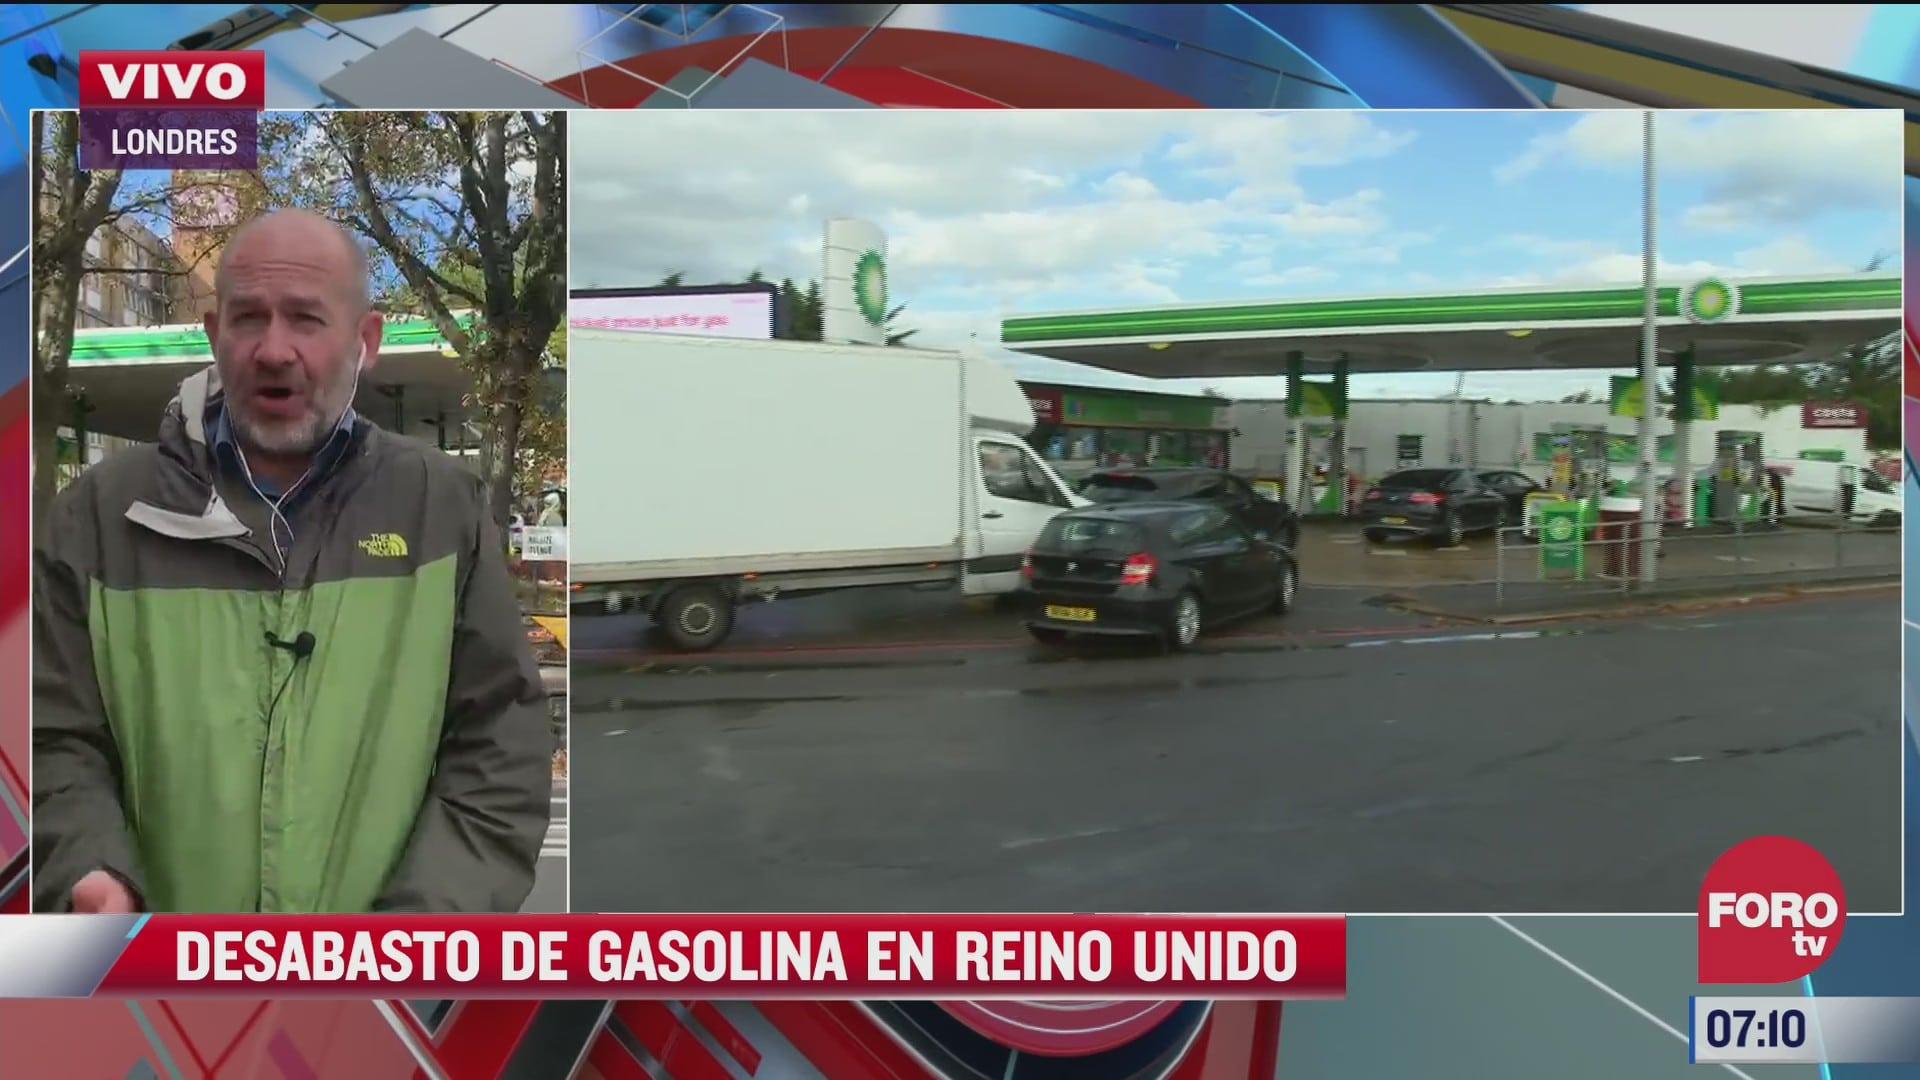 Crisis por desabasto de gasolina en Reino Unido daña su imagen a nivel mundial